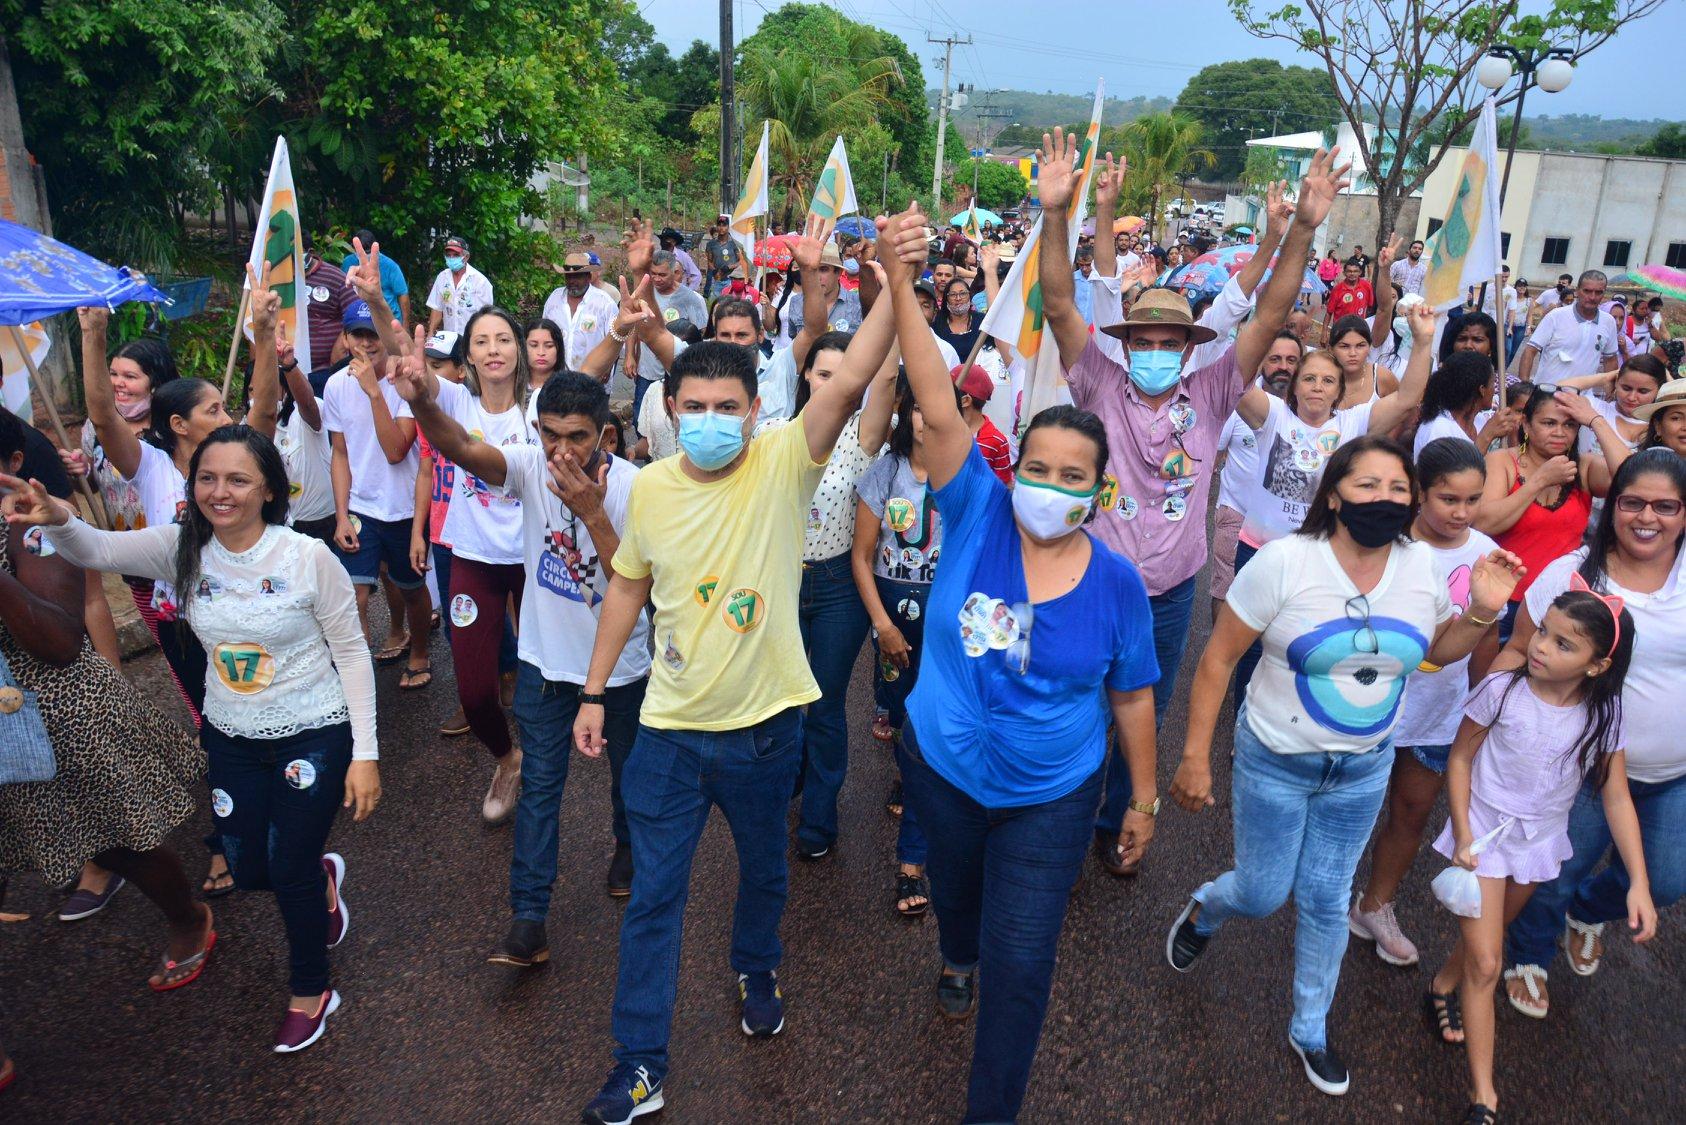 Enfermeira Nezita e o vice - Dr. Edivaldo superaram o gigantismo da máquina pública e cassiques da política de Monte Santo - TO - Foto: Divulgação / Arquivo